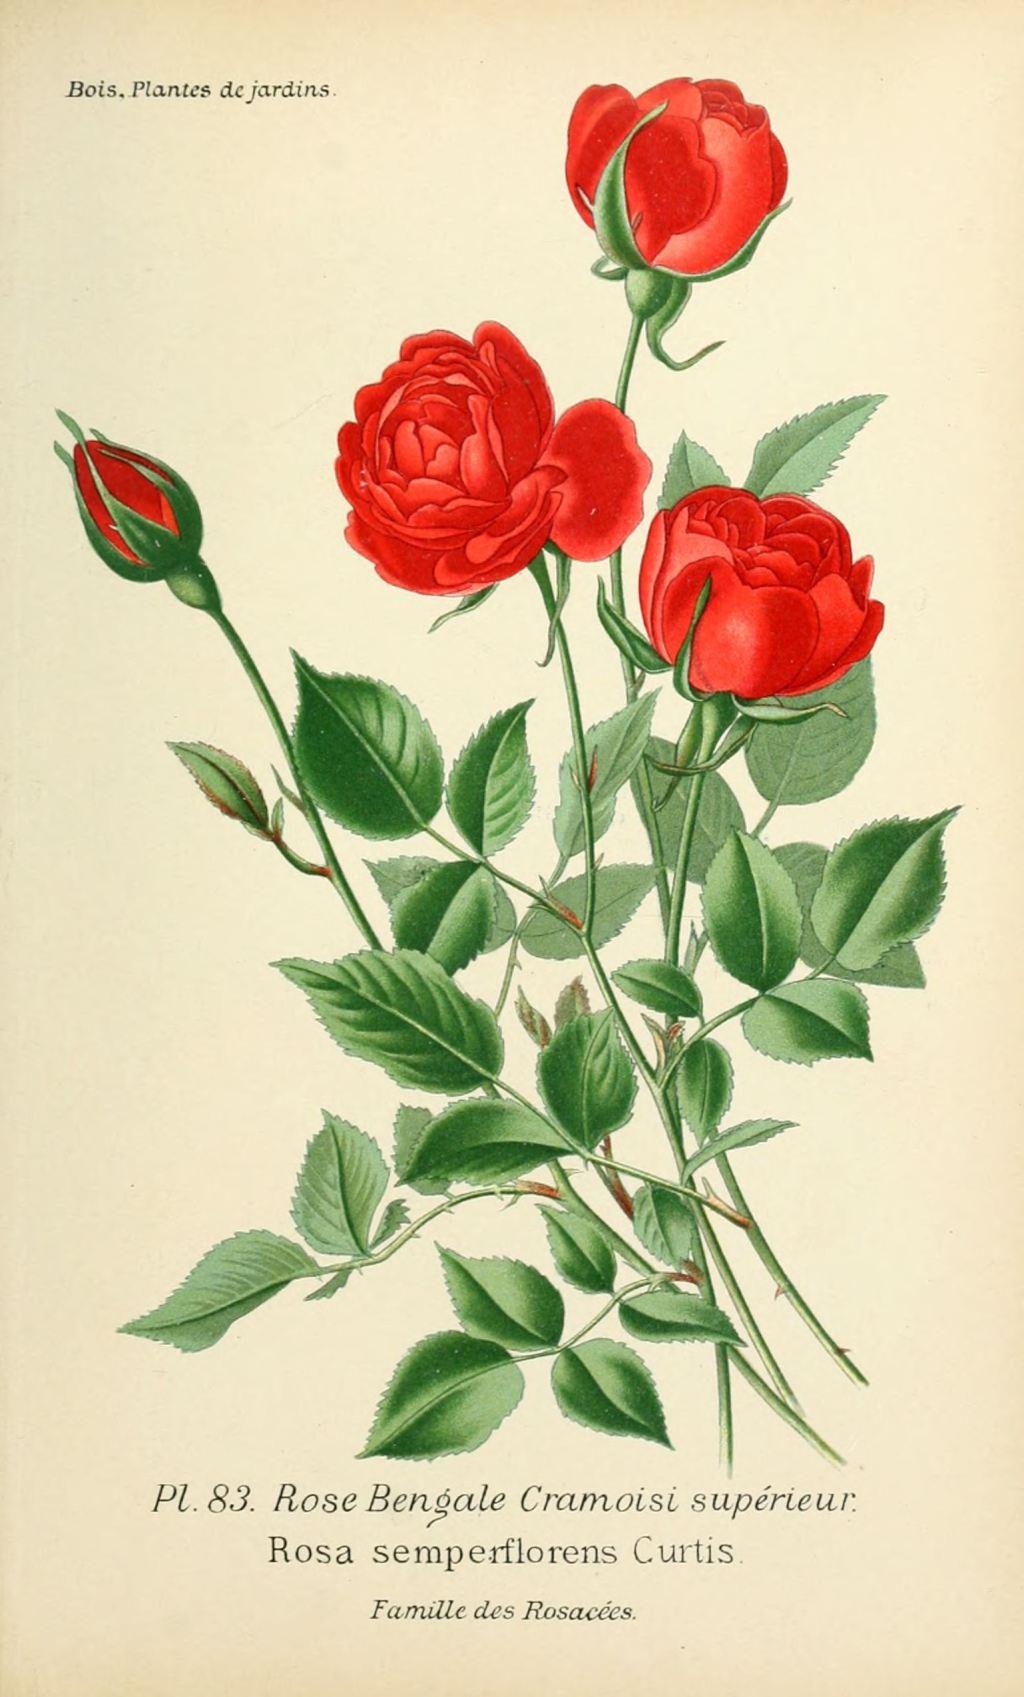 Gravures de roses informations et documents - Roses dessins ...